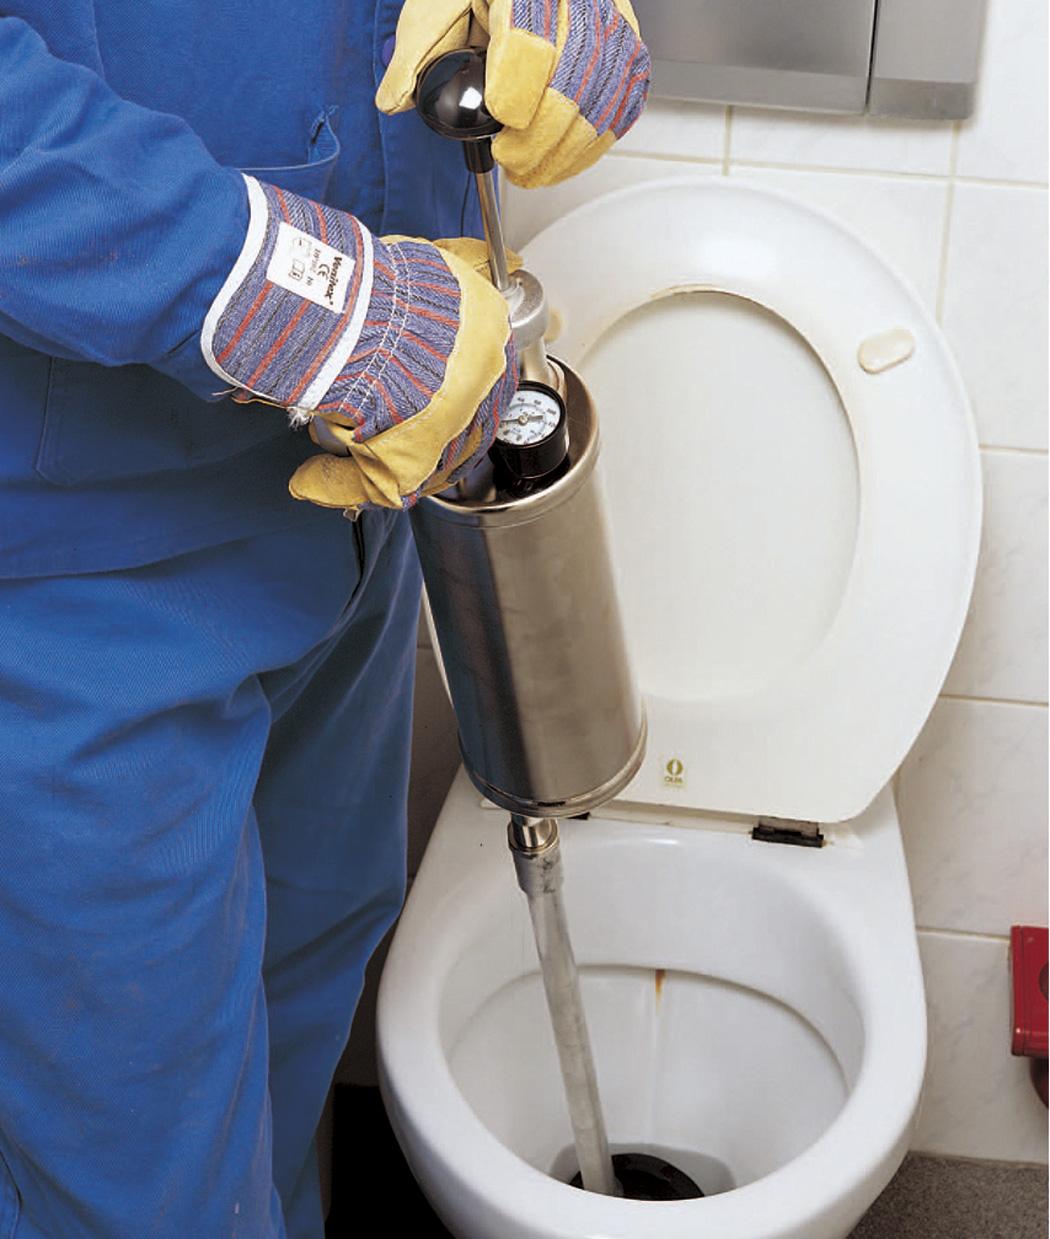 Как прочистить унитаз от засора в домашних условиях вантузом тросом уксусом содой